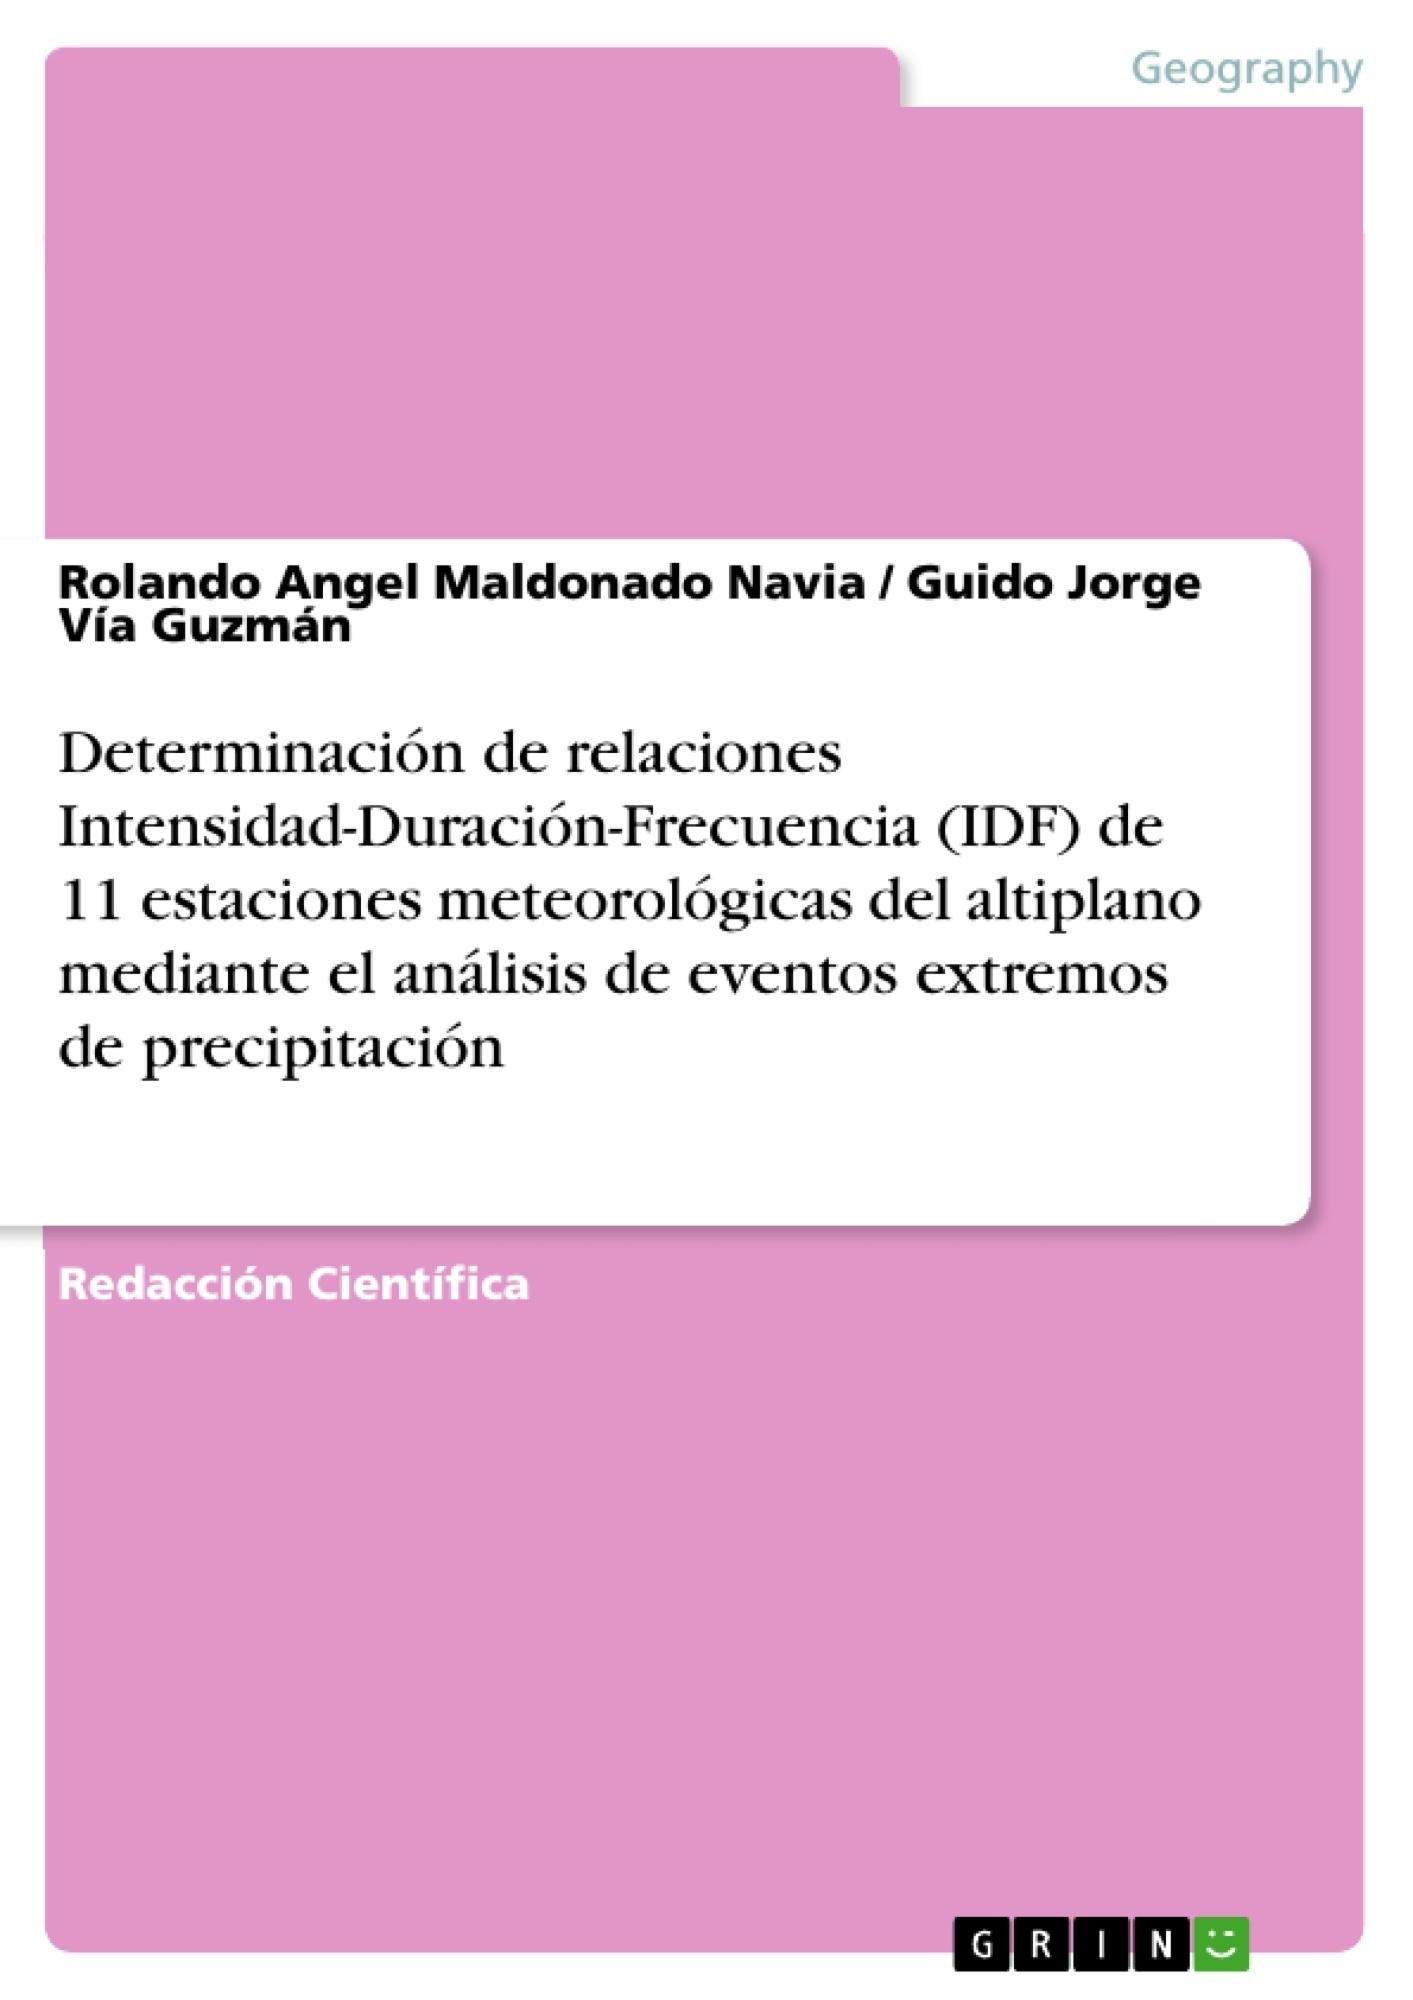 Título: Determinación de relaciones Intensidad-Duración-Frecuencia (IDF) de 11 estaciones meteorológicas del altiplano mediante el análisis de eventos extremos de precipitación